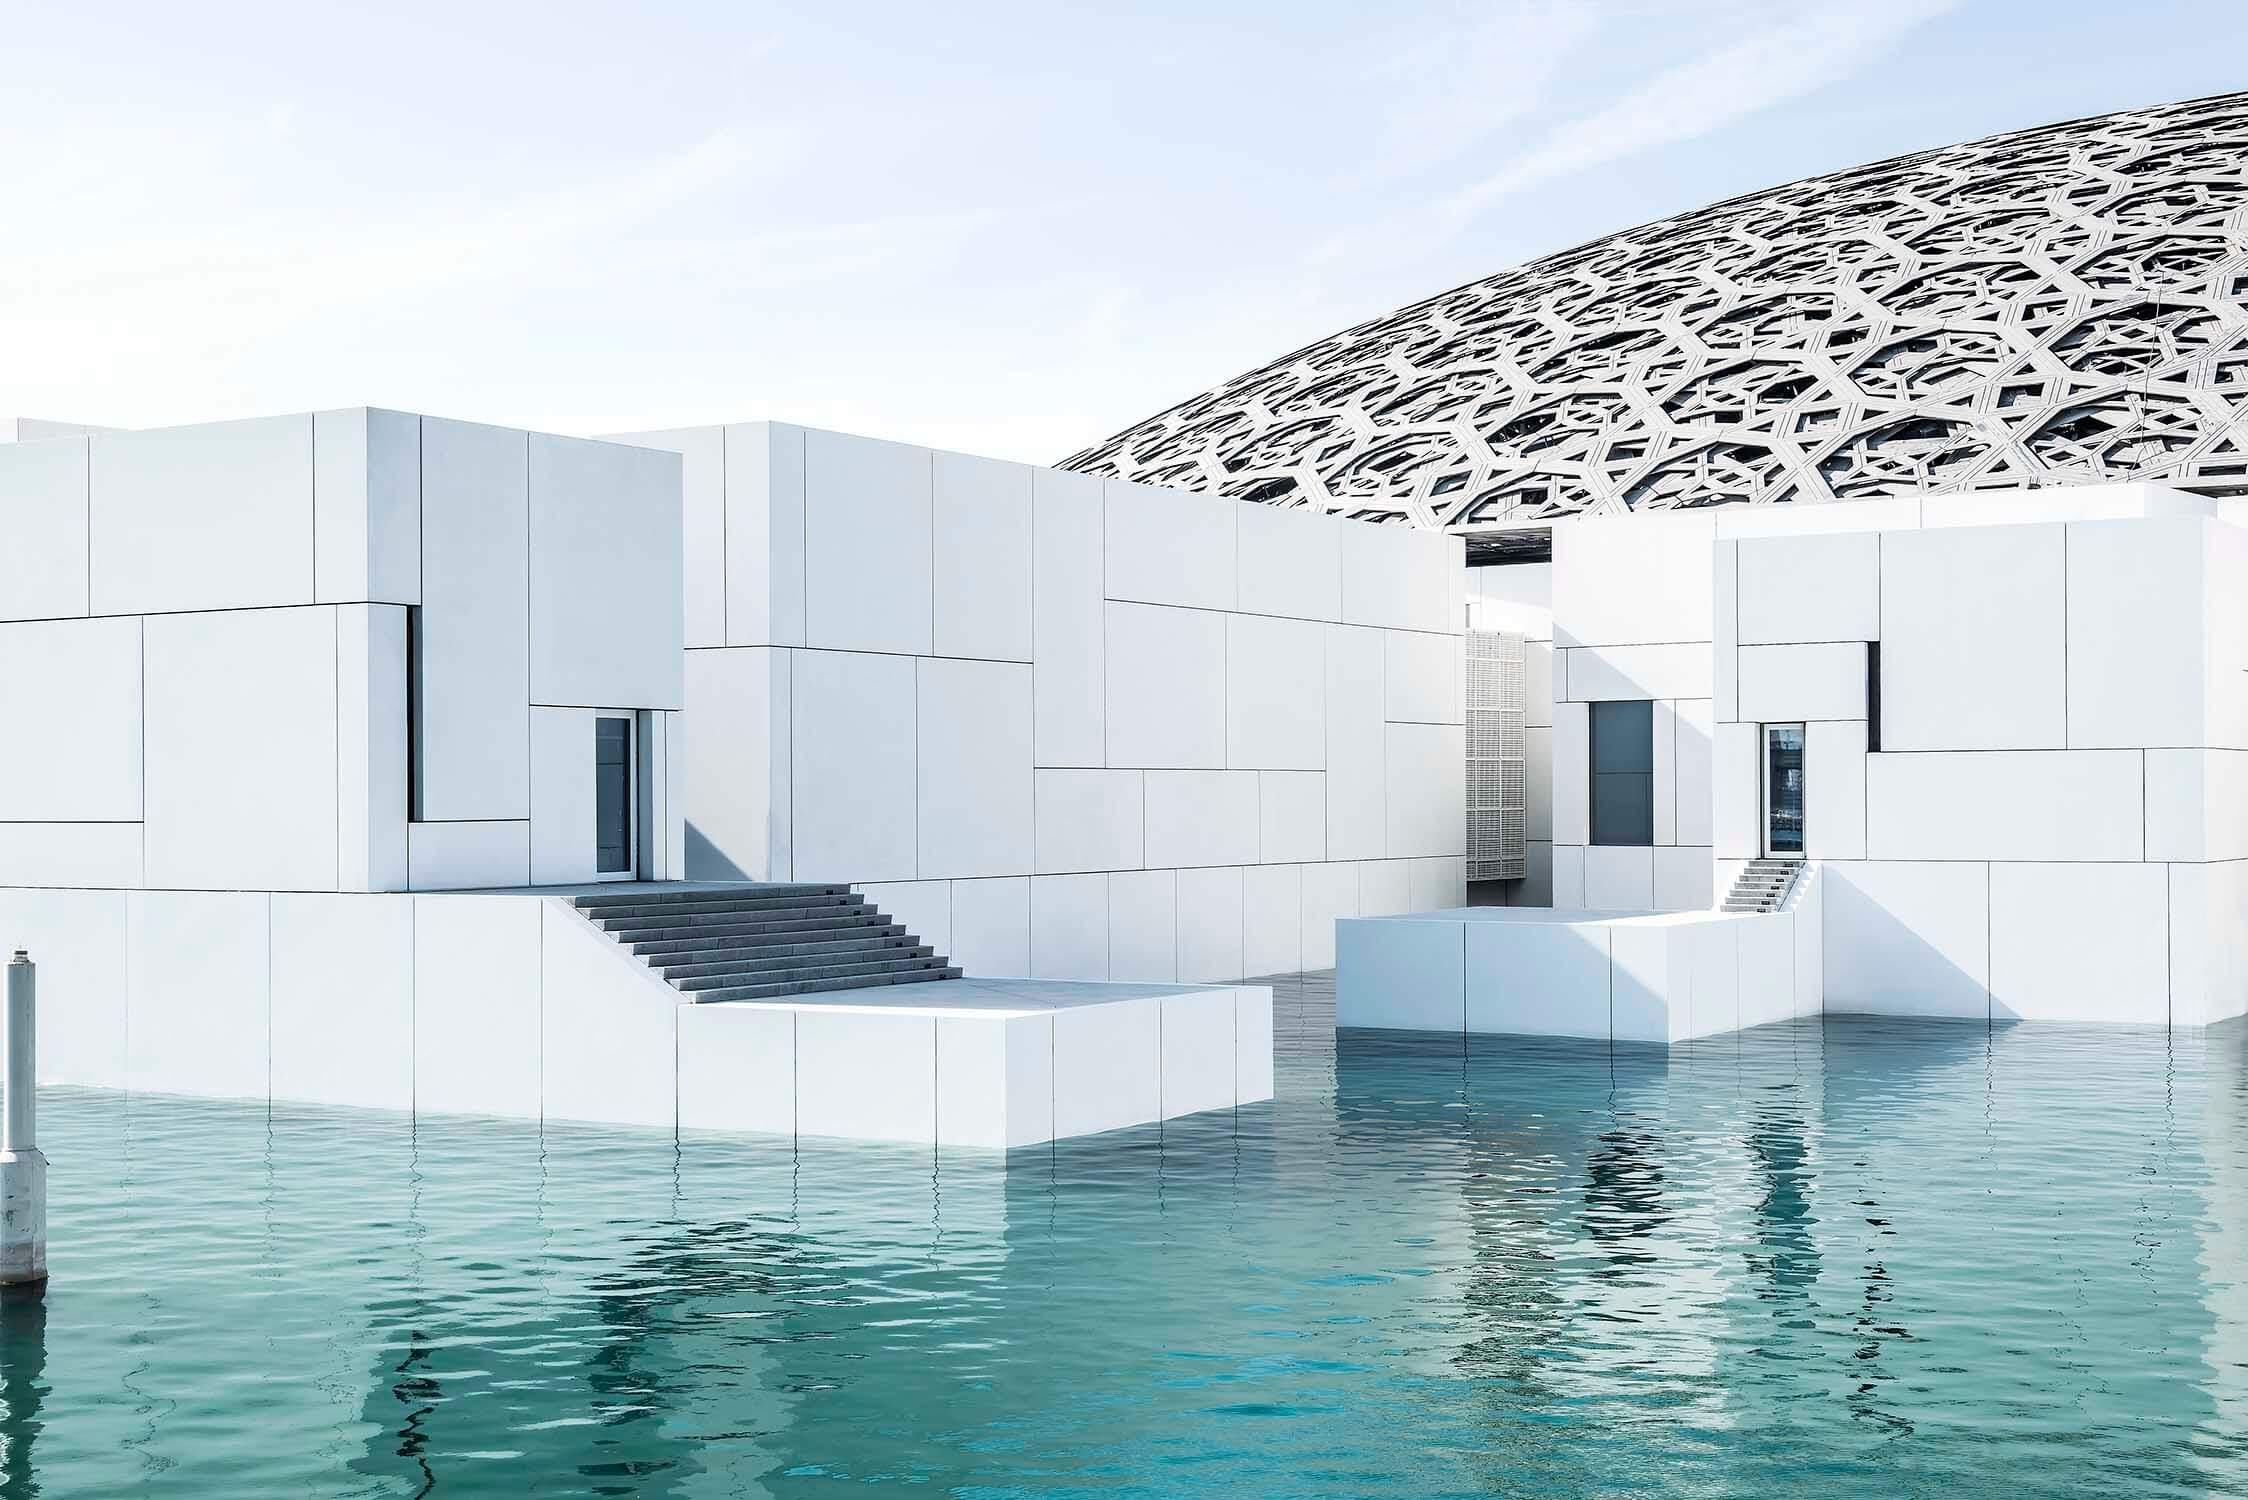 Aussenaufnahme vom Kunstmuseum Louvre von Jean Nouvel in Abu-Dhabi. Weisse Baukörper mit riesigem Kuppeldach, umgeben von türkisfarbenem Meerwasser.